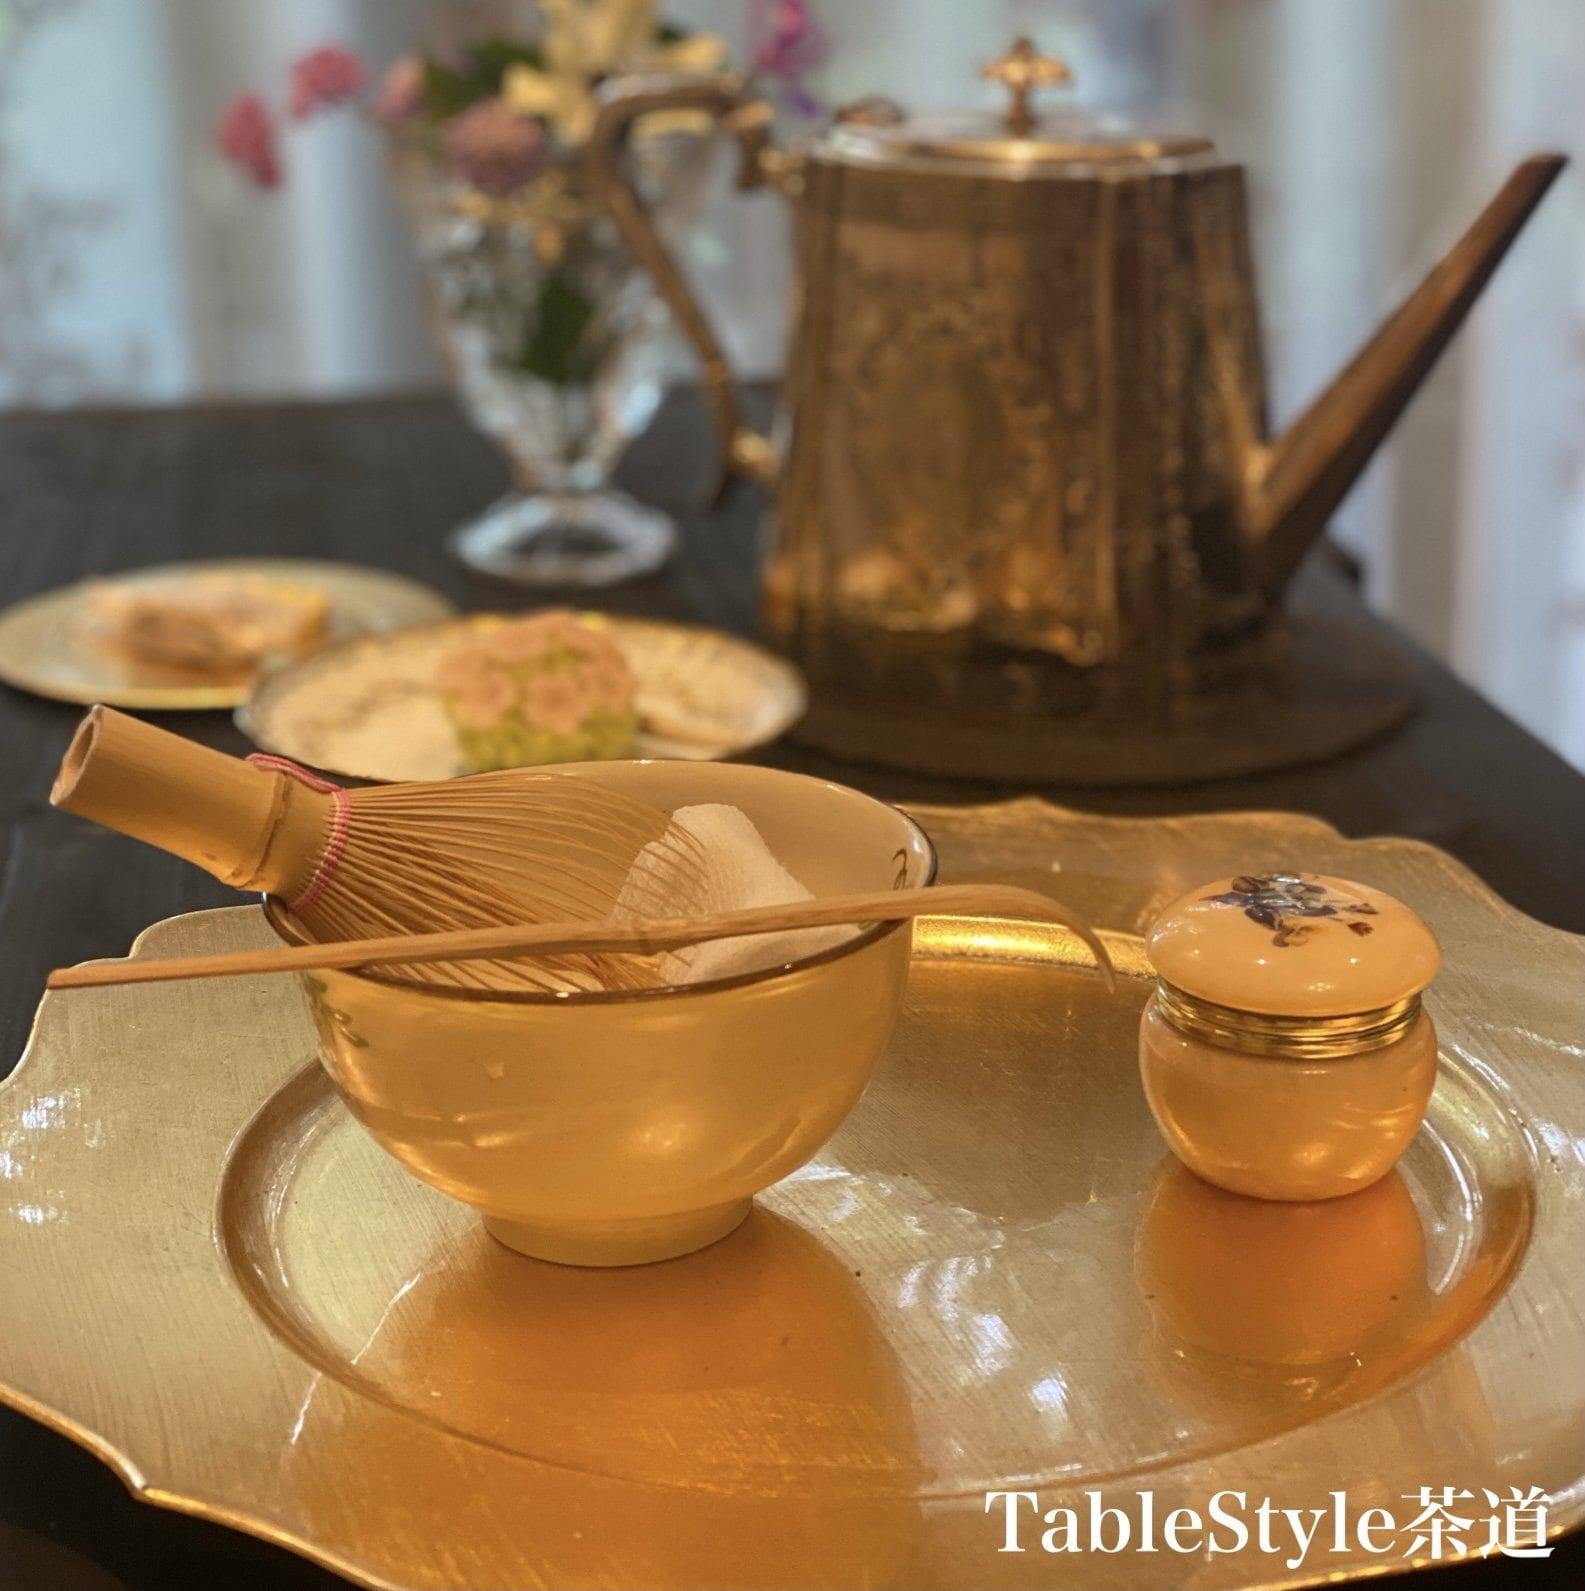 【体験レッスン初回限定】オンラインテーブルスタイル茶道のイメージその2